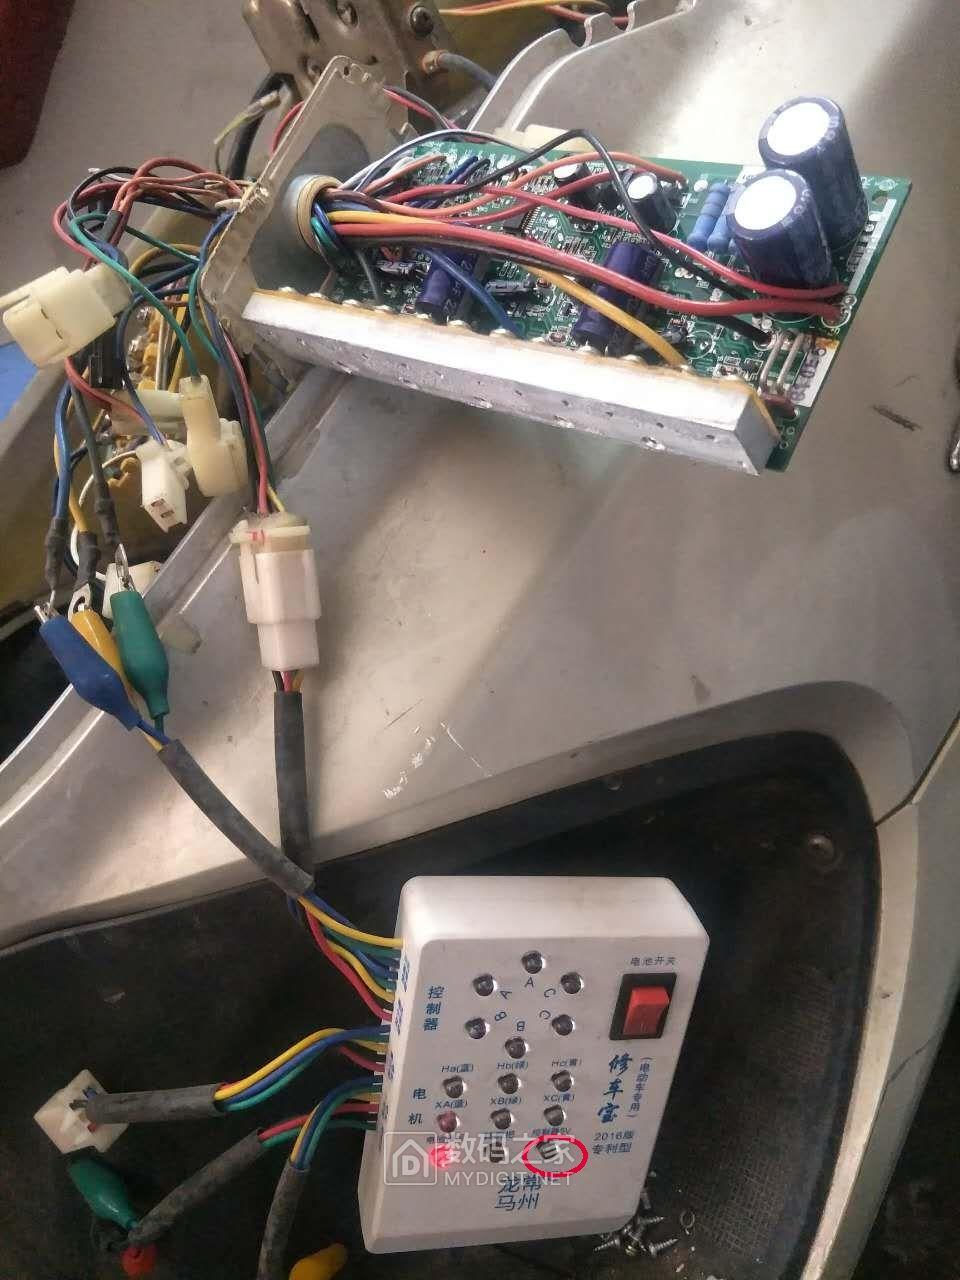 打起鼓来,敲起锣来哎,推着电车去上牌——电动车电机进水的处理续